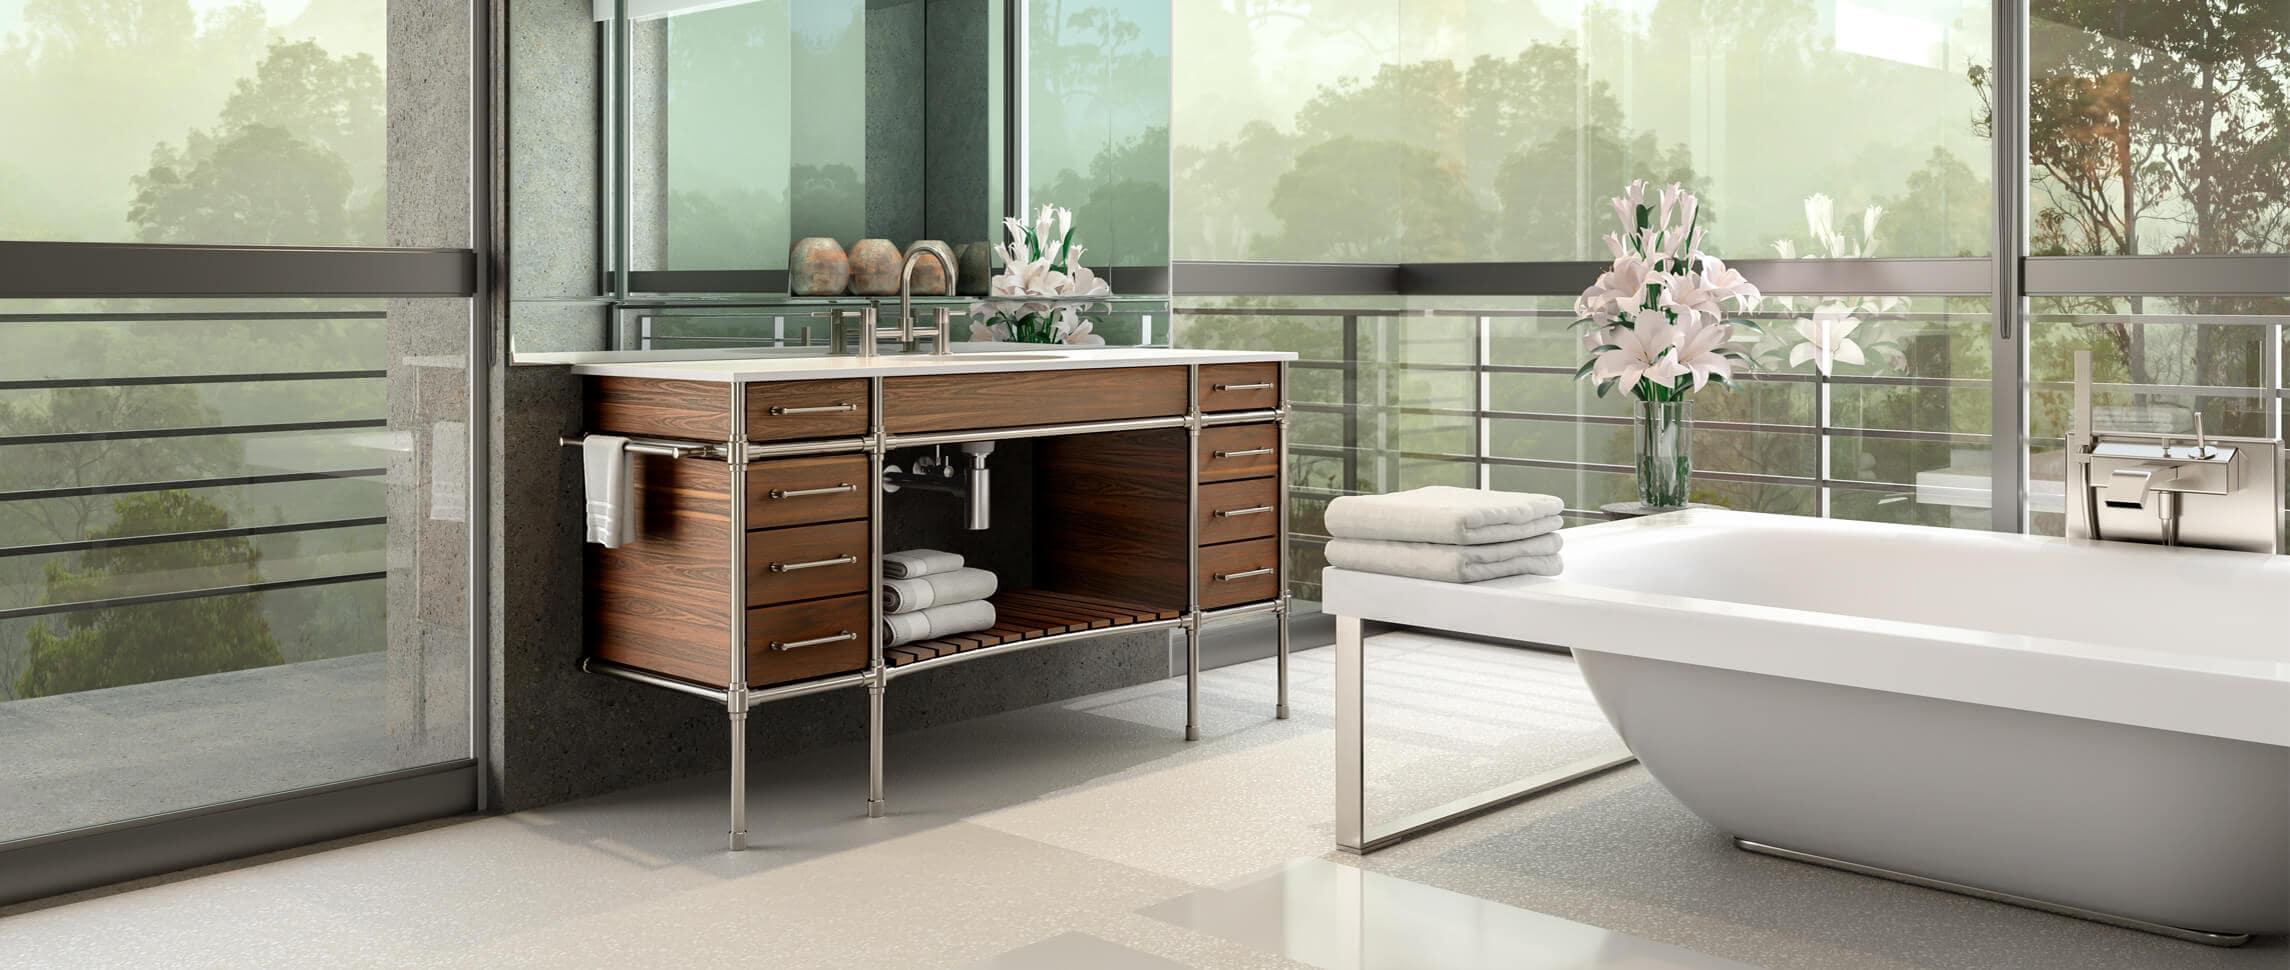 Studio style custom sink legs with integral wood casework vanity